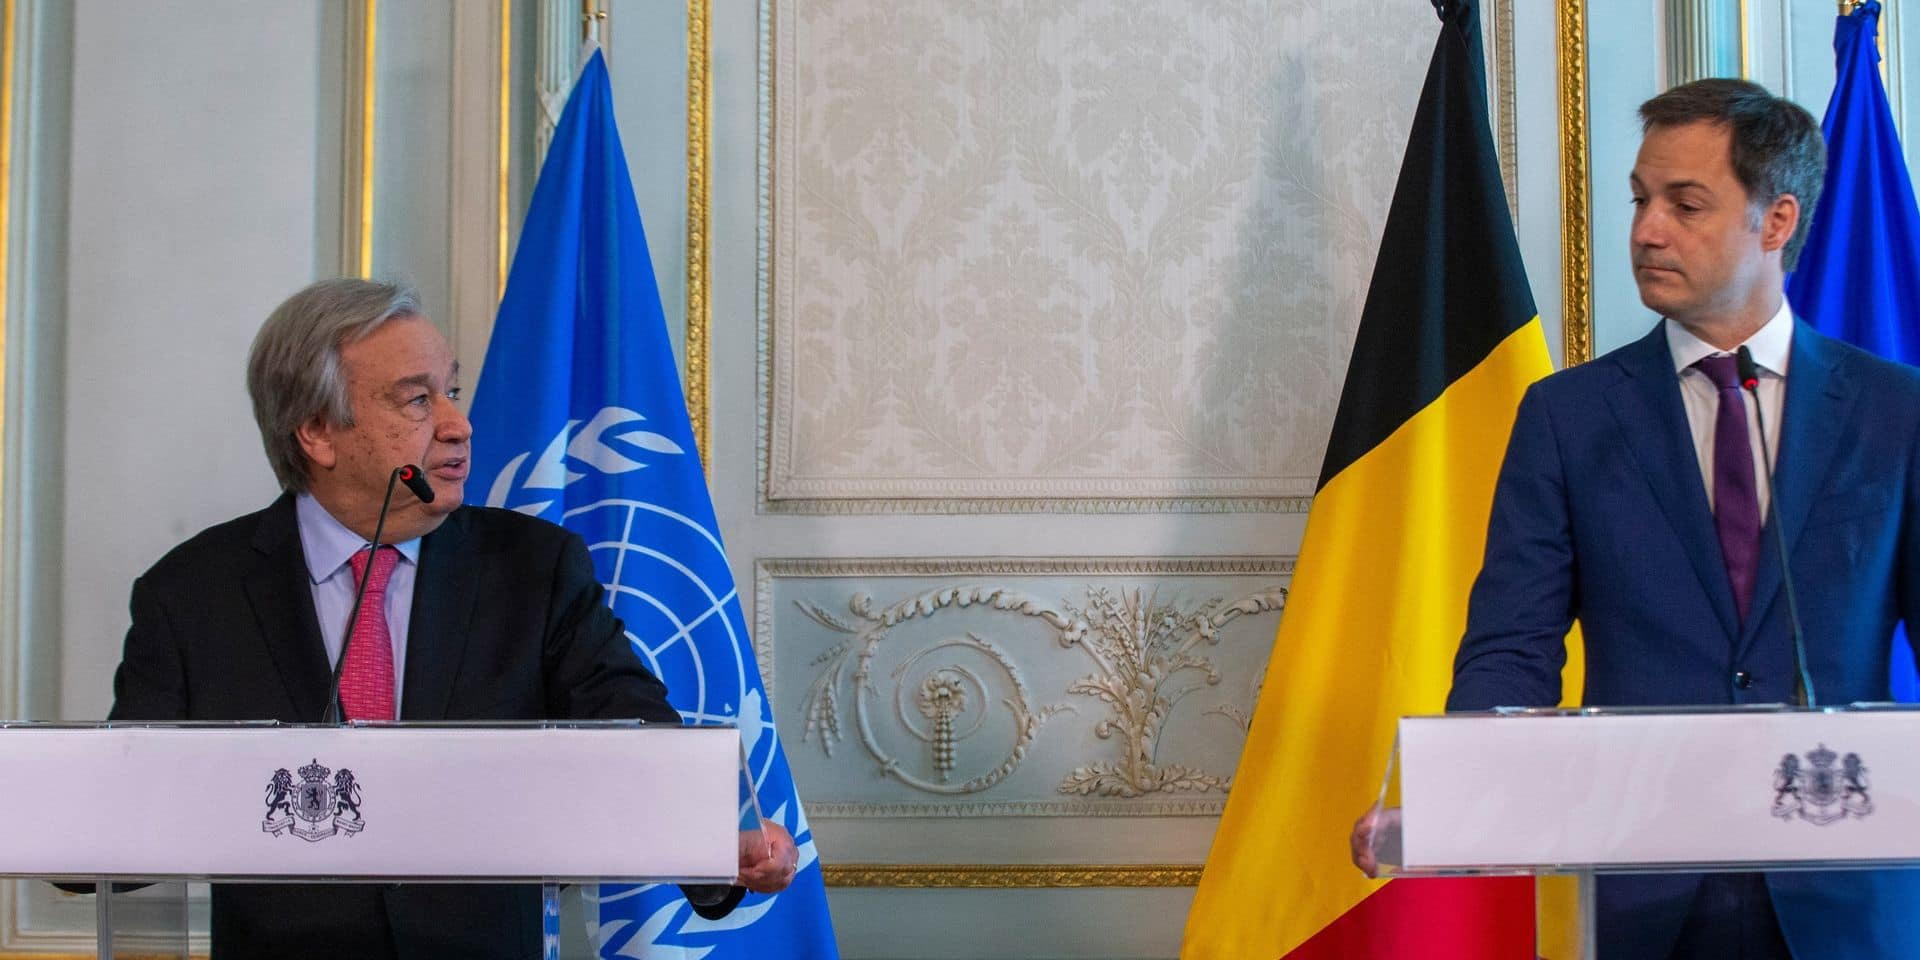 Le secrétaire général de l'Onu, Antonio Guterres, a rencontré Alexander De Croo à Bruxelles, ce jeudi.